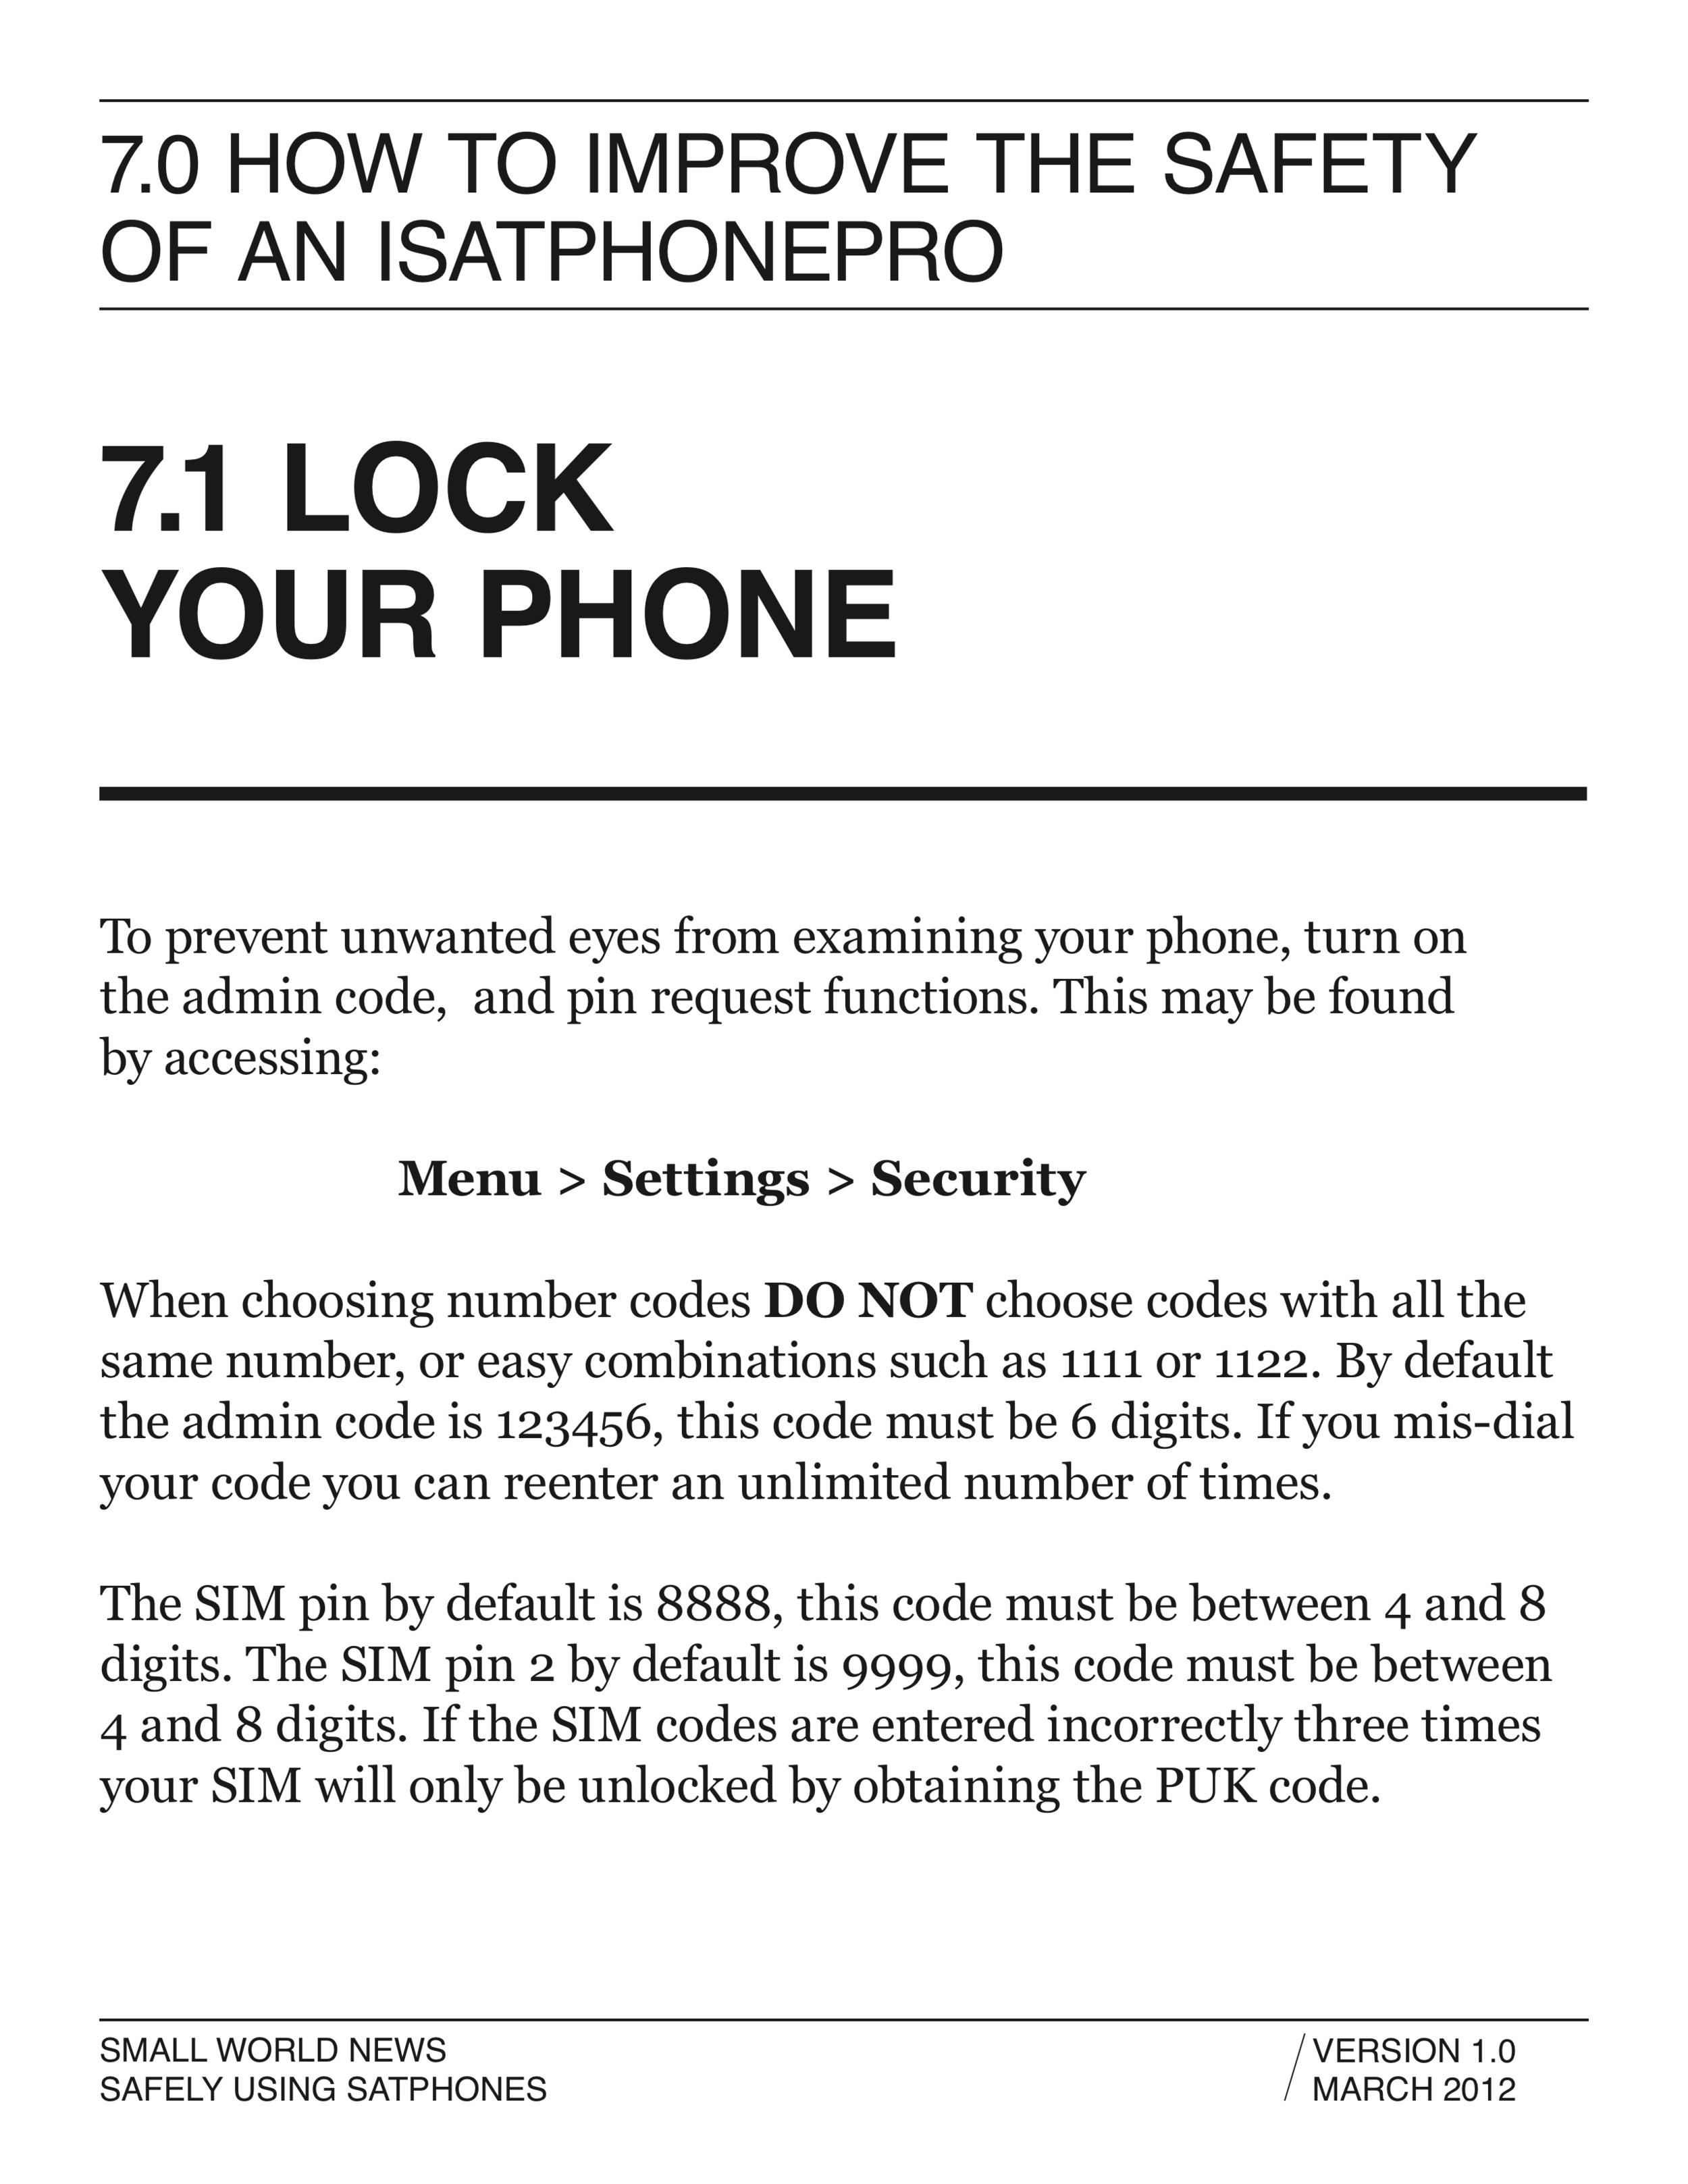 satphone 36.png